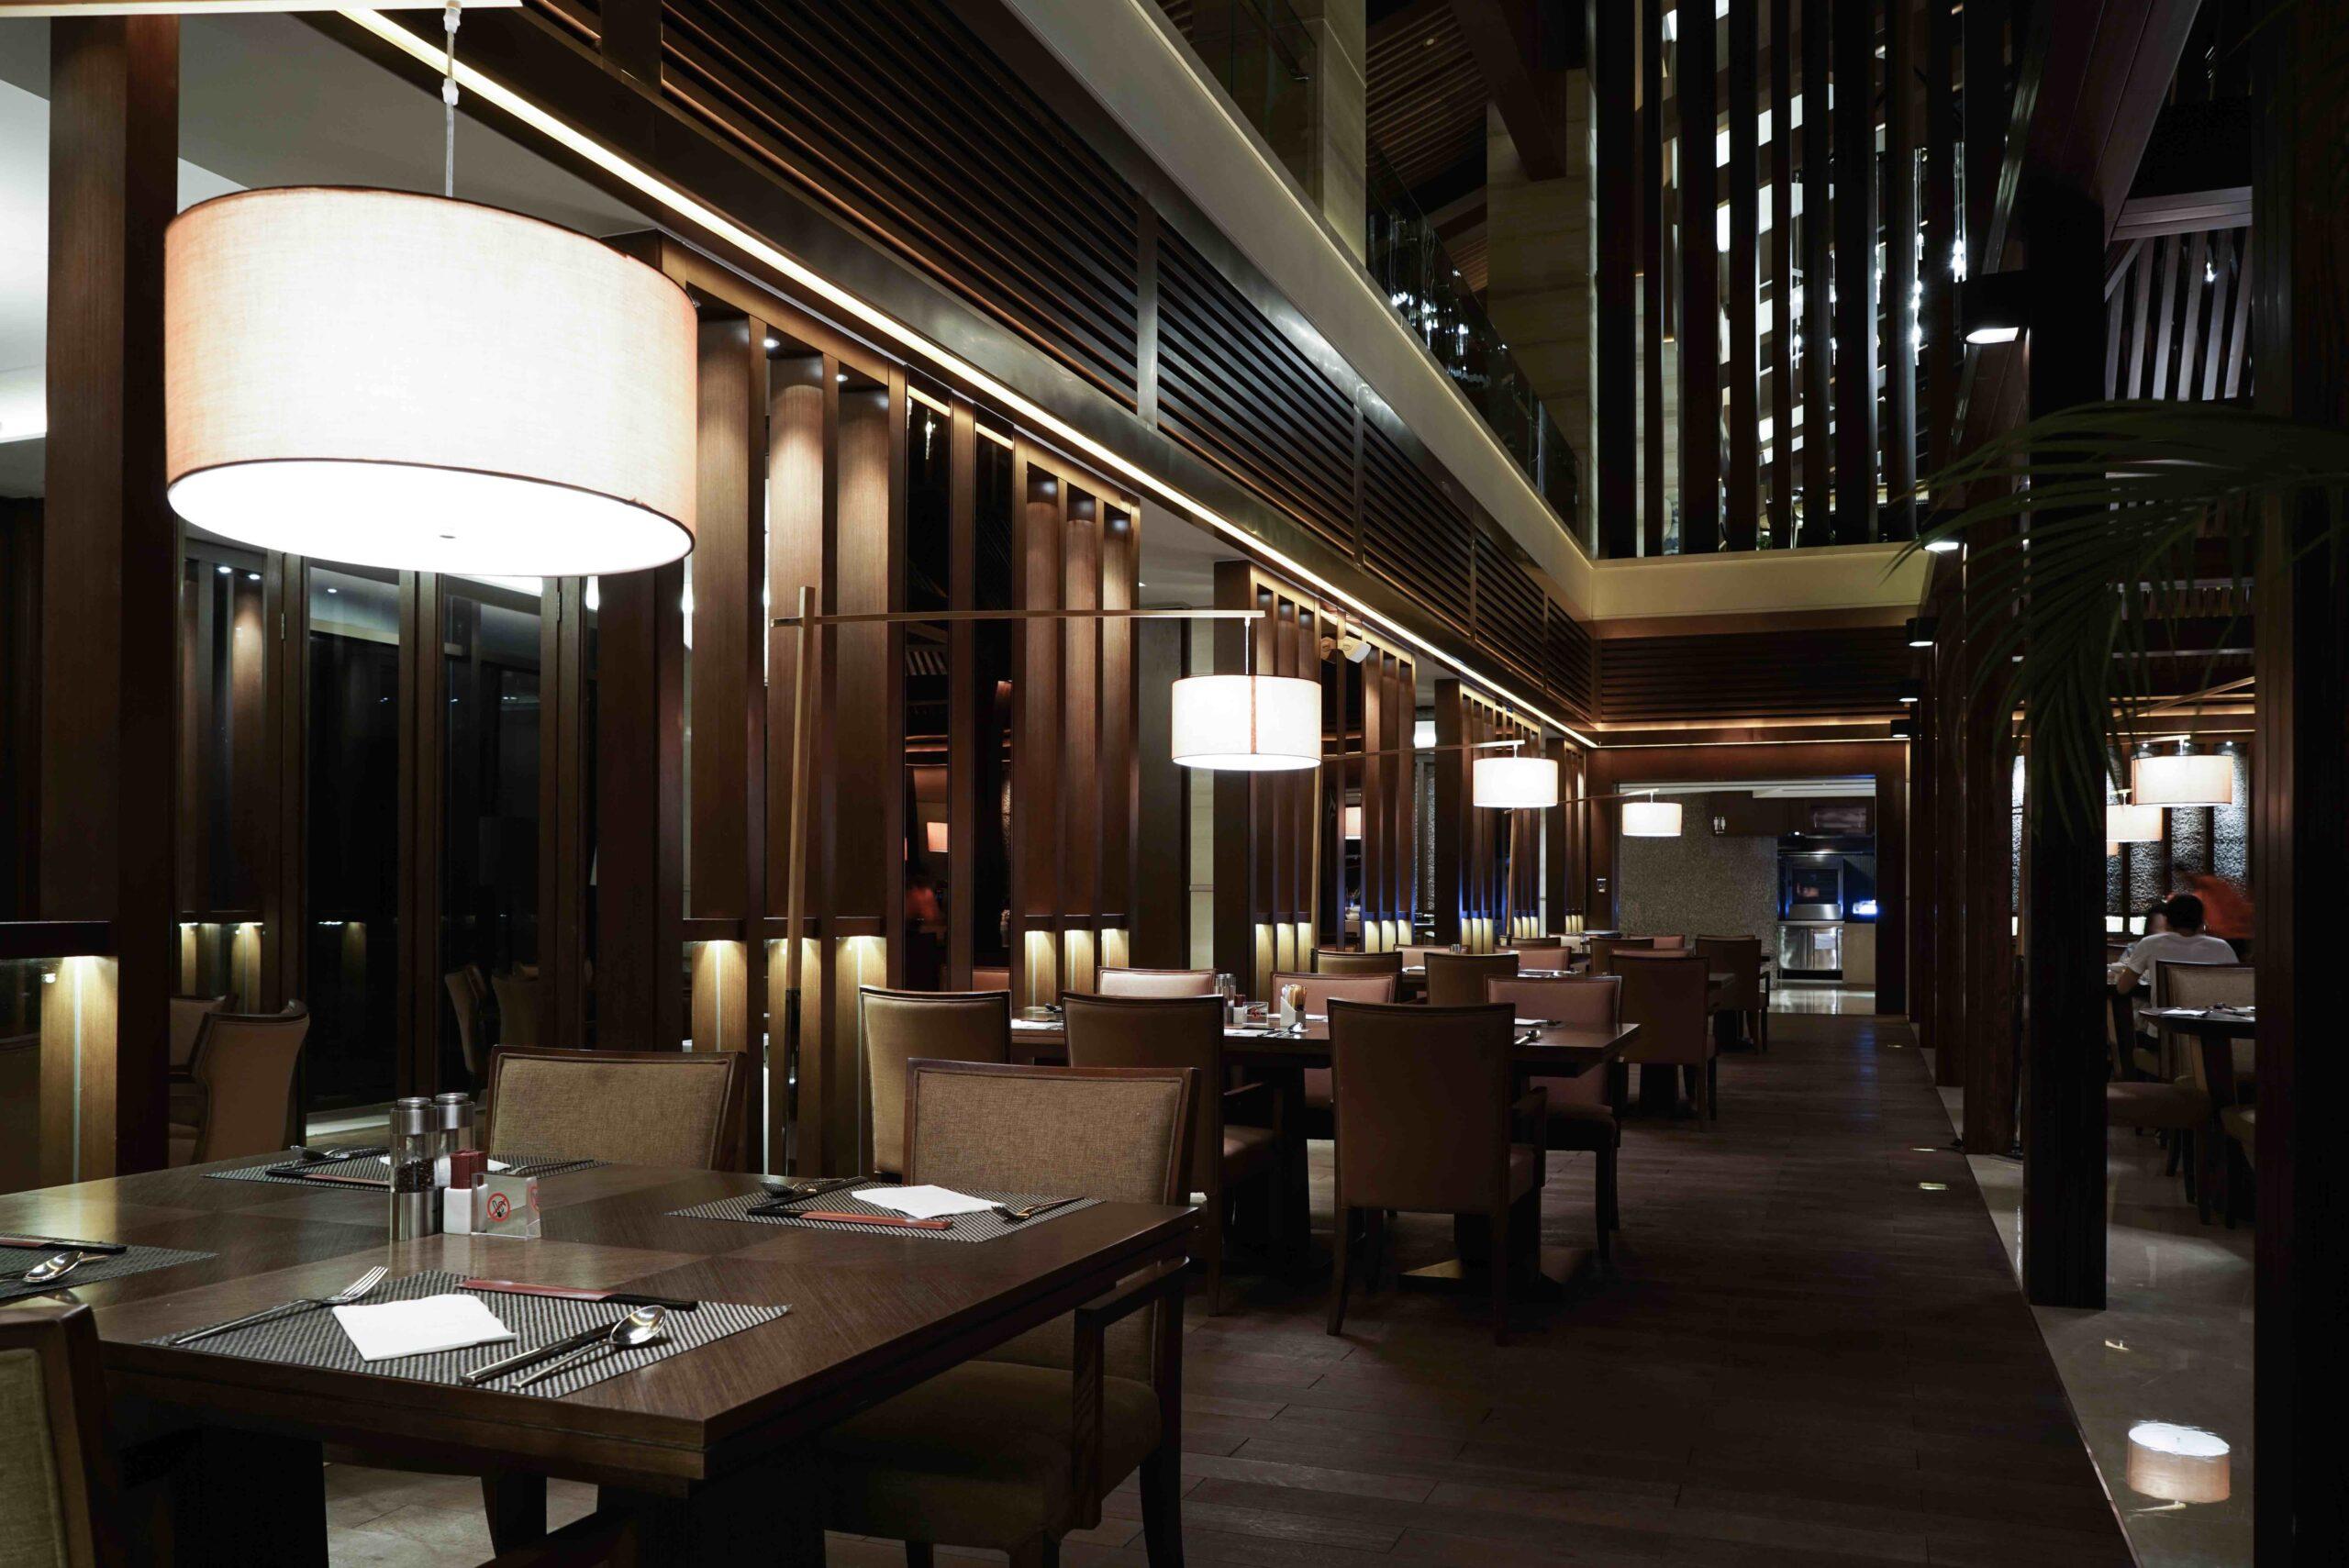 luz ambiental sutil para restaurantes